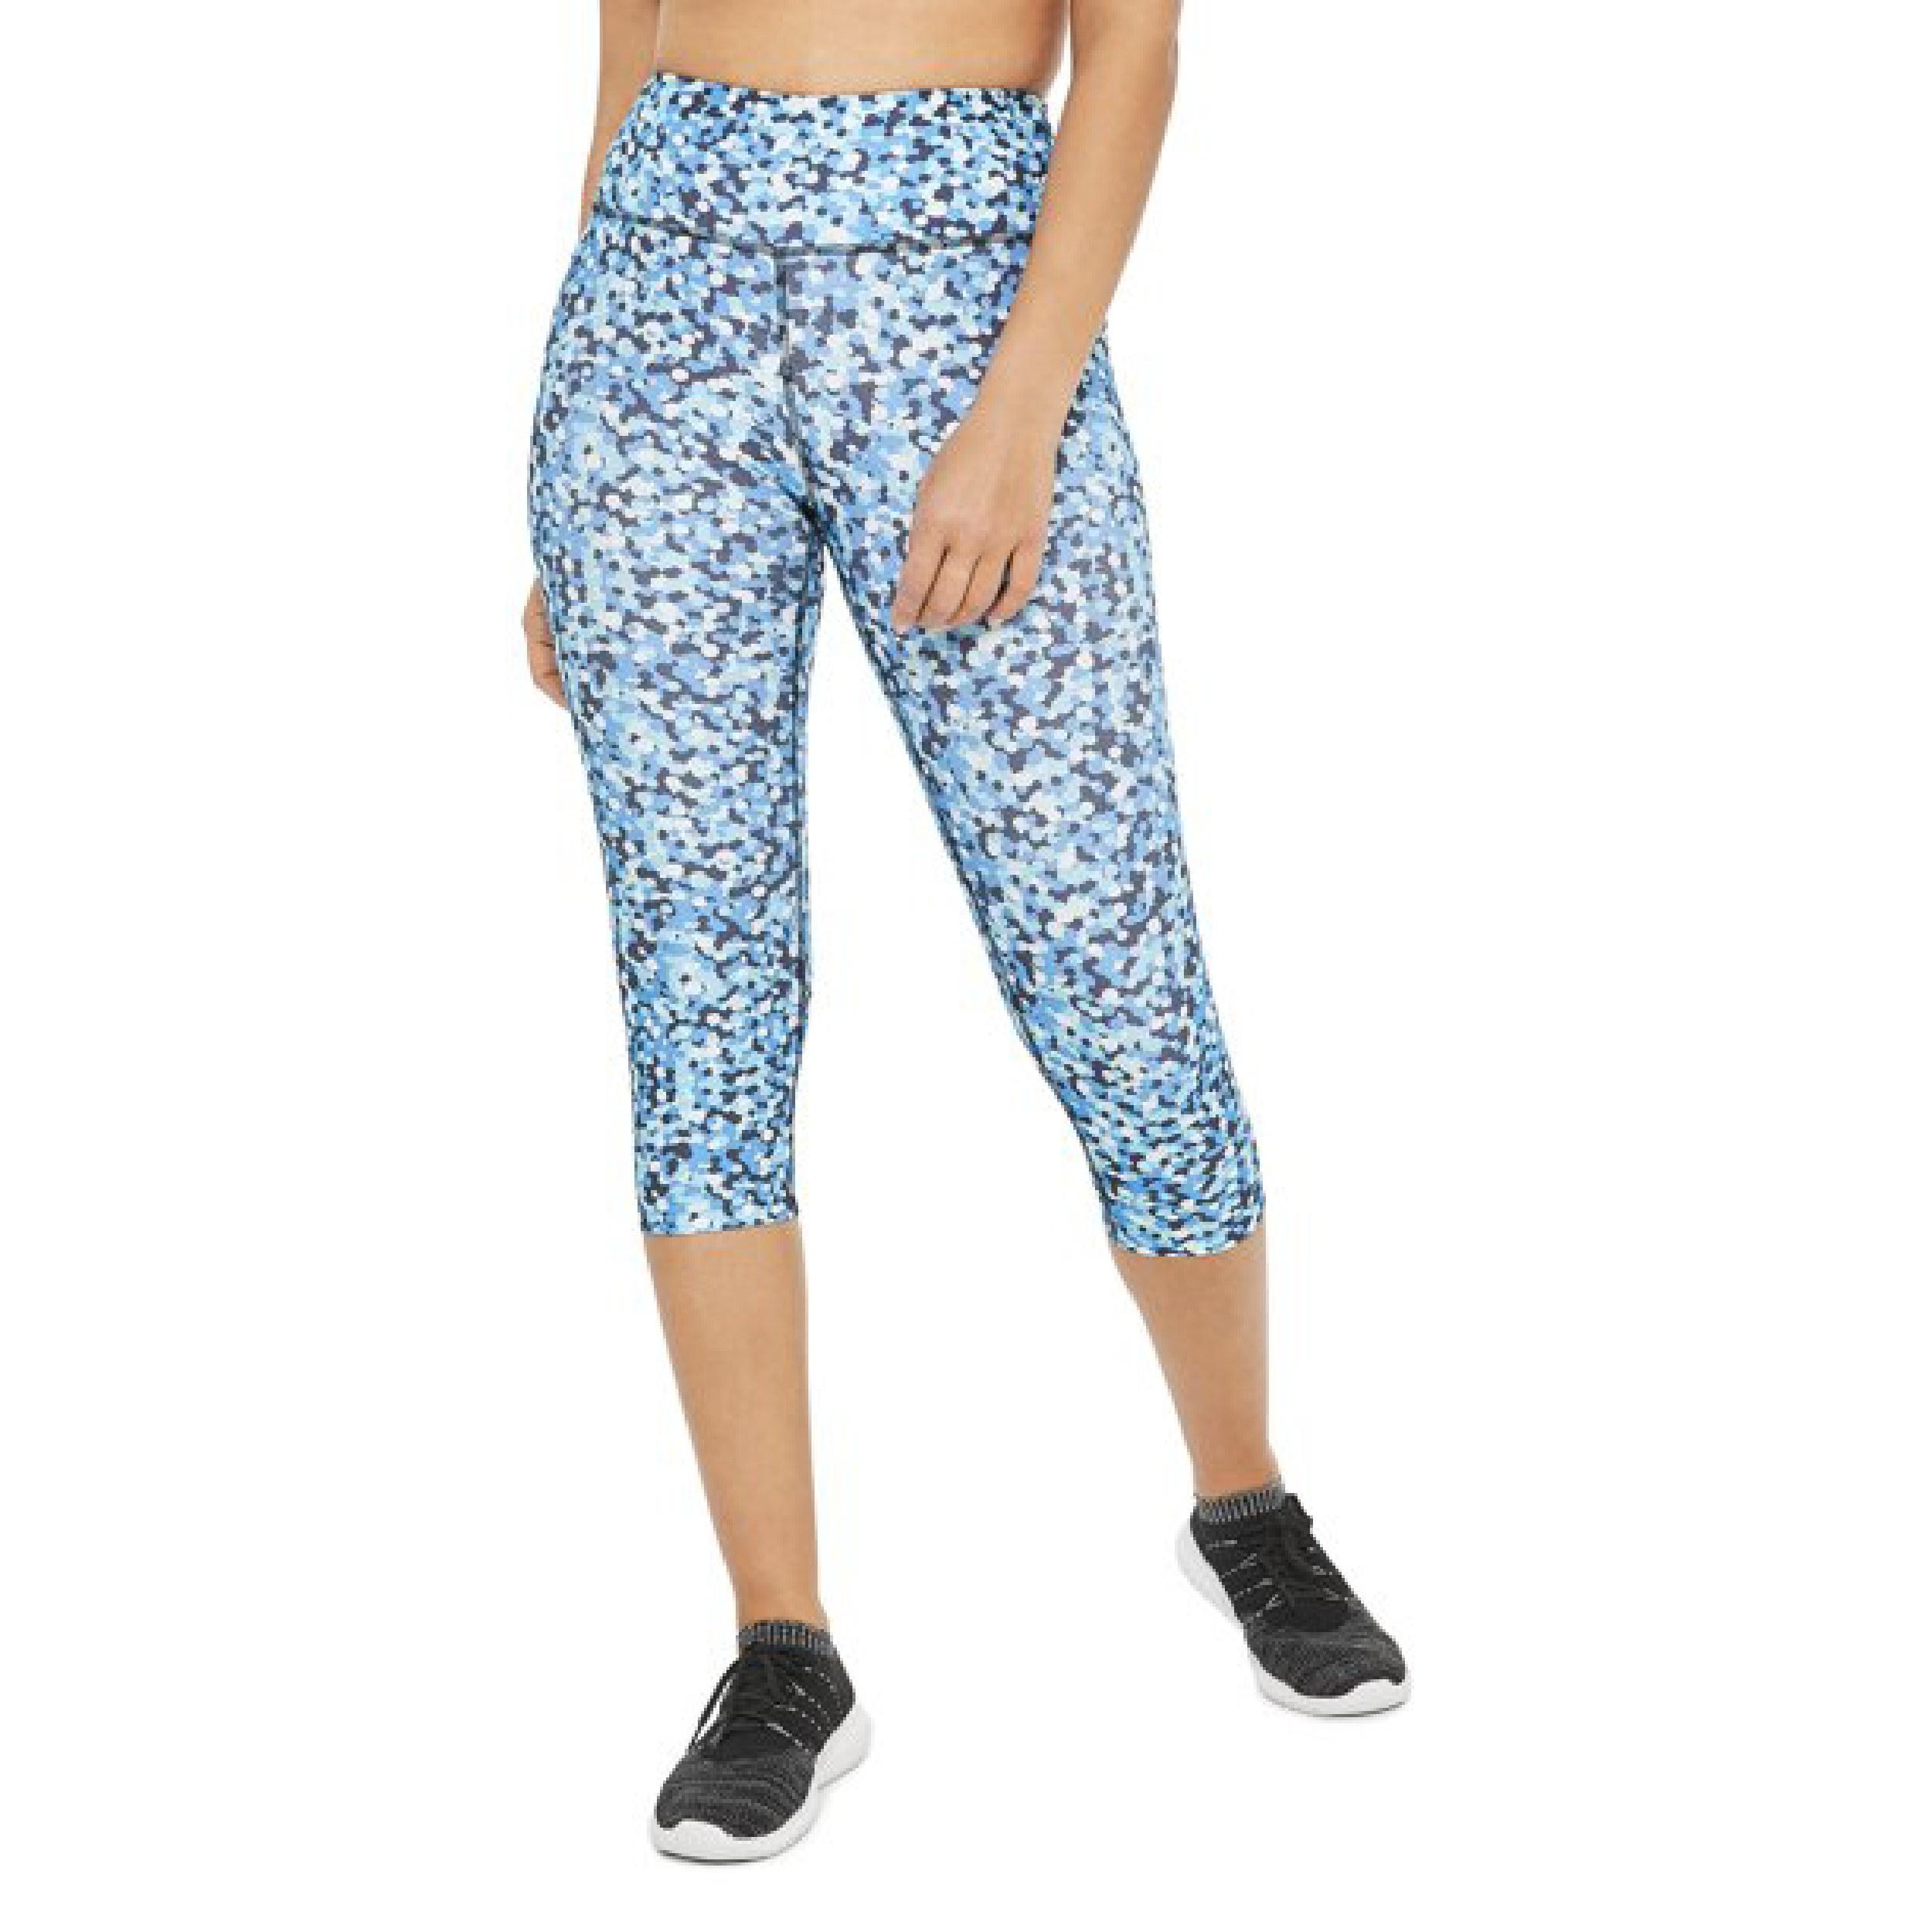 Model wearing the blue patterned capri leggings